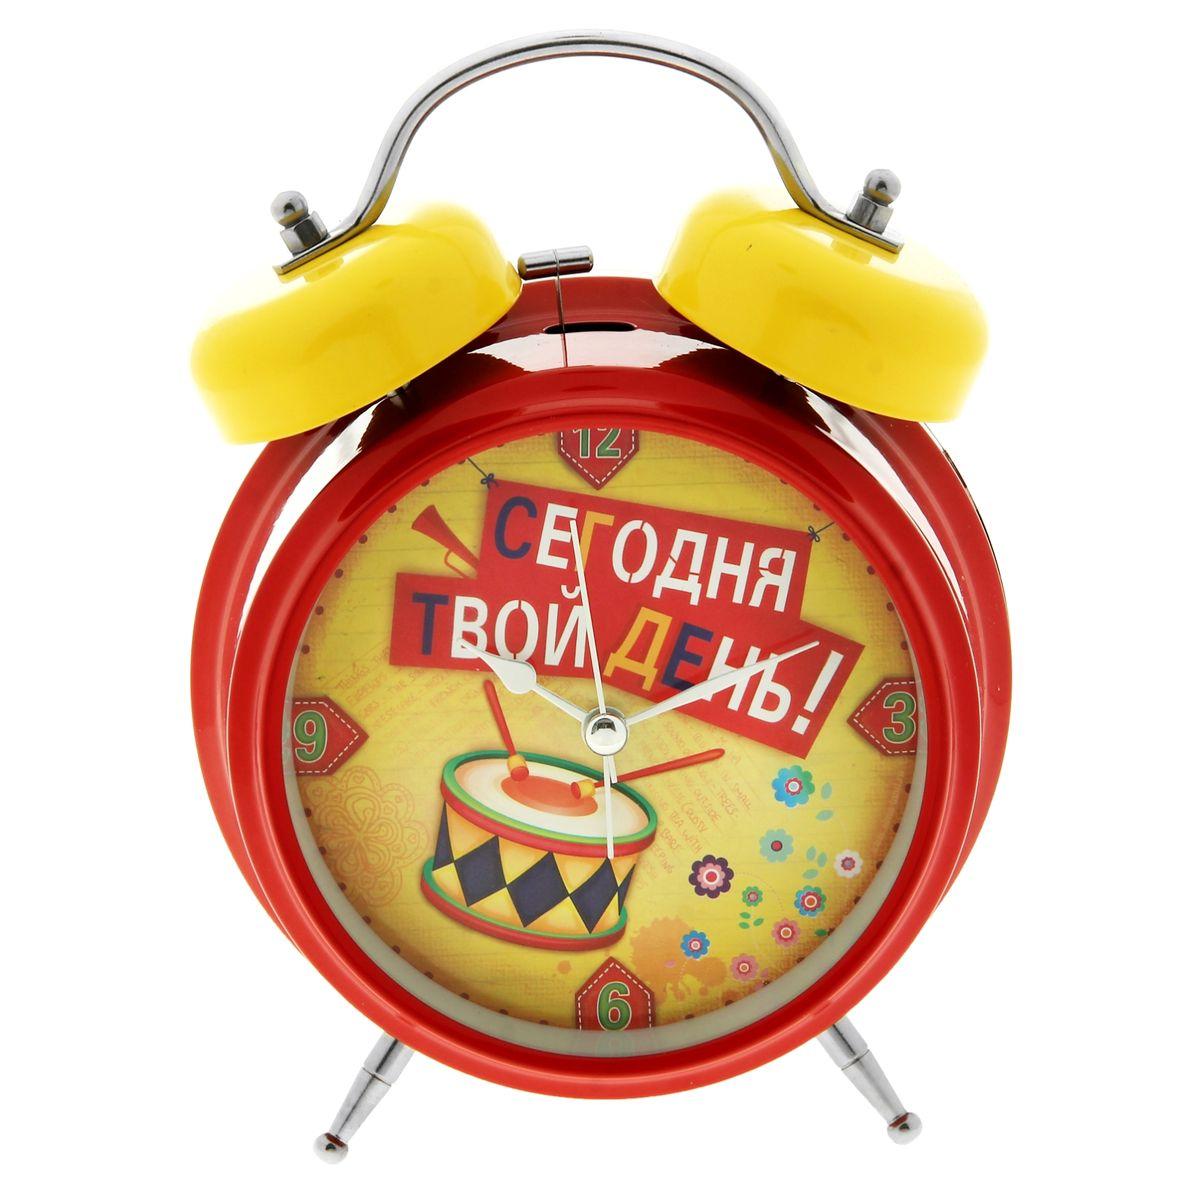 Часы-будильник Sima-land Сегодня твой день!179042Как же сложно иногда вставать вовремя! Всегда так хочется поспать еще хотя бы 5 минут и бывает, что мы просыпаем. Теперь этого не случится! Яркий, оригинальный будильник Sima-land Сегодня твой день! поможет вам всегда вставать в нужное время и успевать везде и всюду. Будильник украсит вашу комнату и приведет в восхищение друзей. Время показывает точно и будит в установленный час. На задней панели будильника расположены переключатель включения/выключения механизма, а также два колесика для настройки текущего времени и времени звонка будильника. Также будильник оснащен кнопкой, при нажатии и удержании которой, подсвечивается циферблат. Будильник работает от 1 батарейки типа C напряжением 1,5V (не входит в комплект).